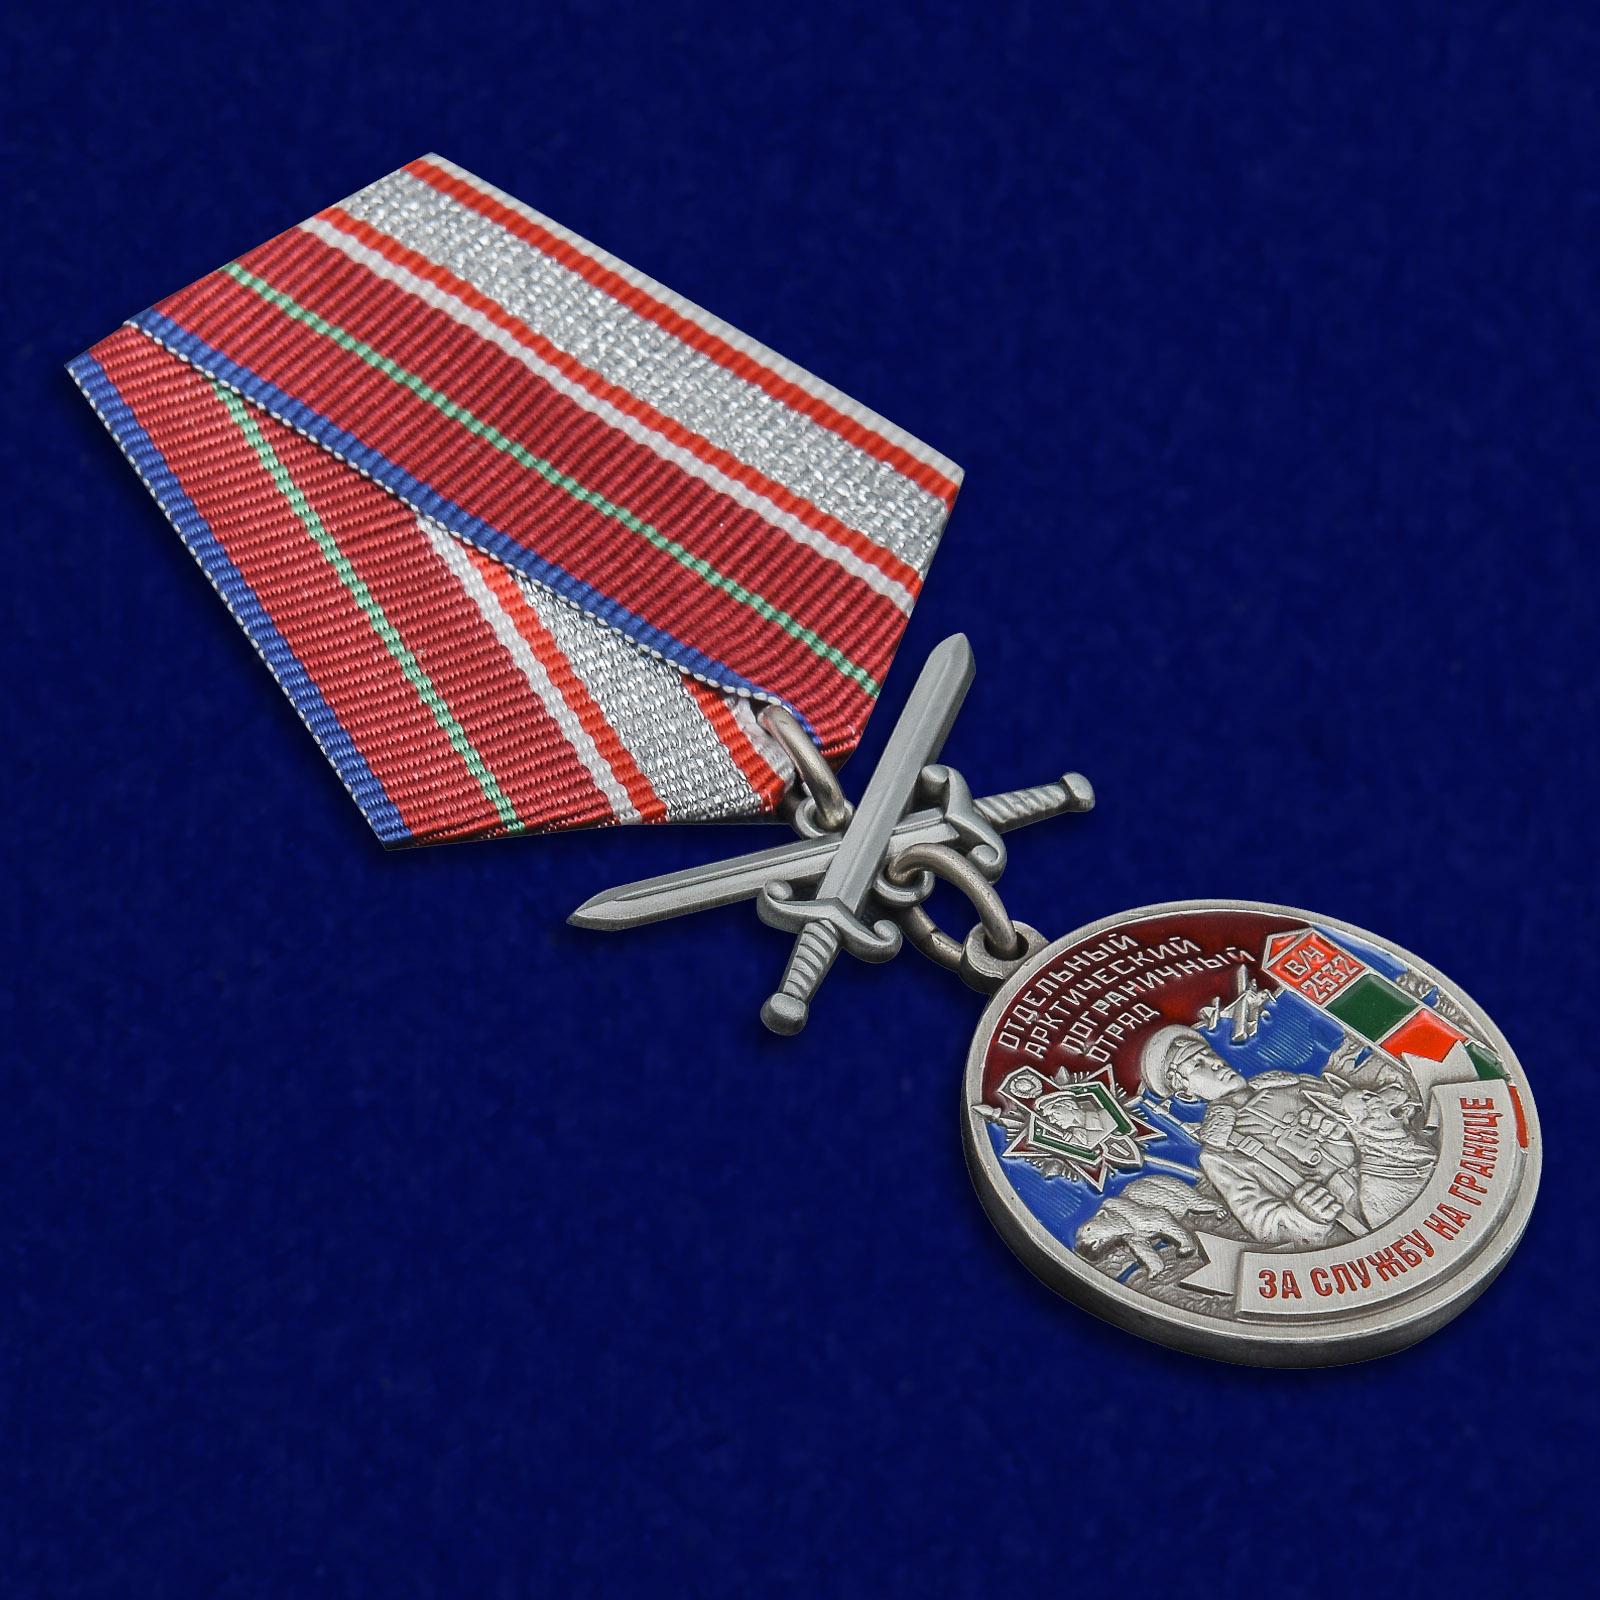 """Купить медаль """"За службу в Арктическом пограничном отряде"""""""